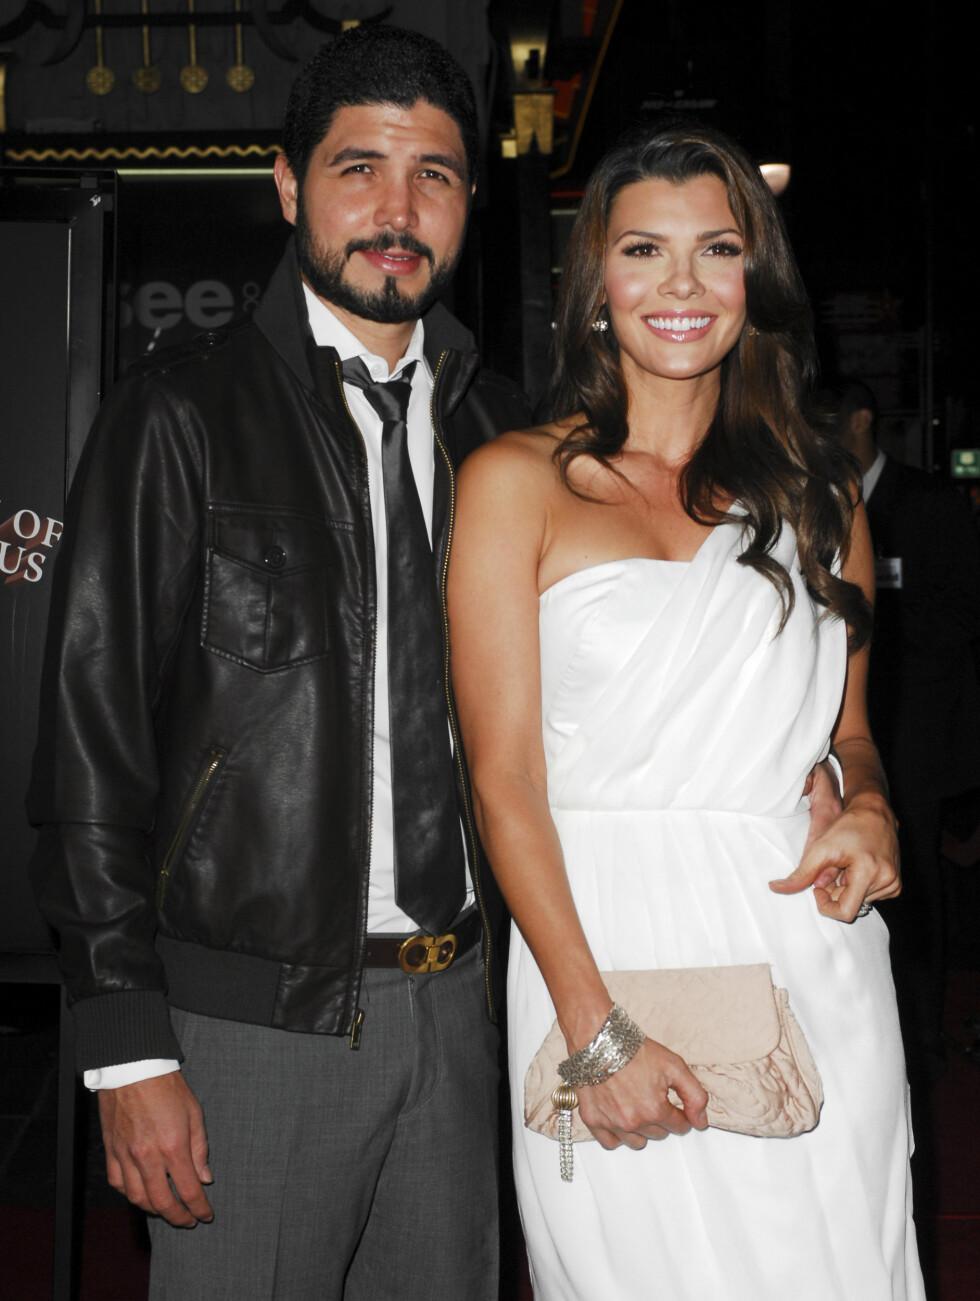 VILLE IKKE BEGÅ NYE FEIL: Da Ali Landery giftet seg med Alejandro Monteverde i 2006, sa hun: «Jeg ville ikke gjøre de samme feilene i dette ekteskapet som i det forrige. Vi har valgt å avstå fra sex før etter ekteskapet». I 2004 giftet hun seg med  Foto: FAME FLYNET